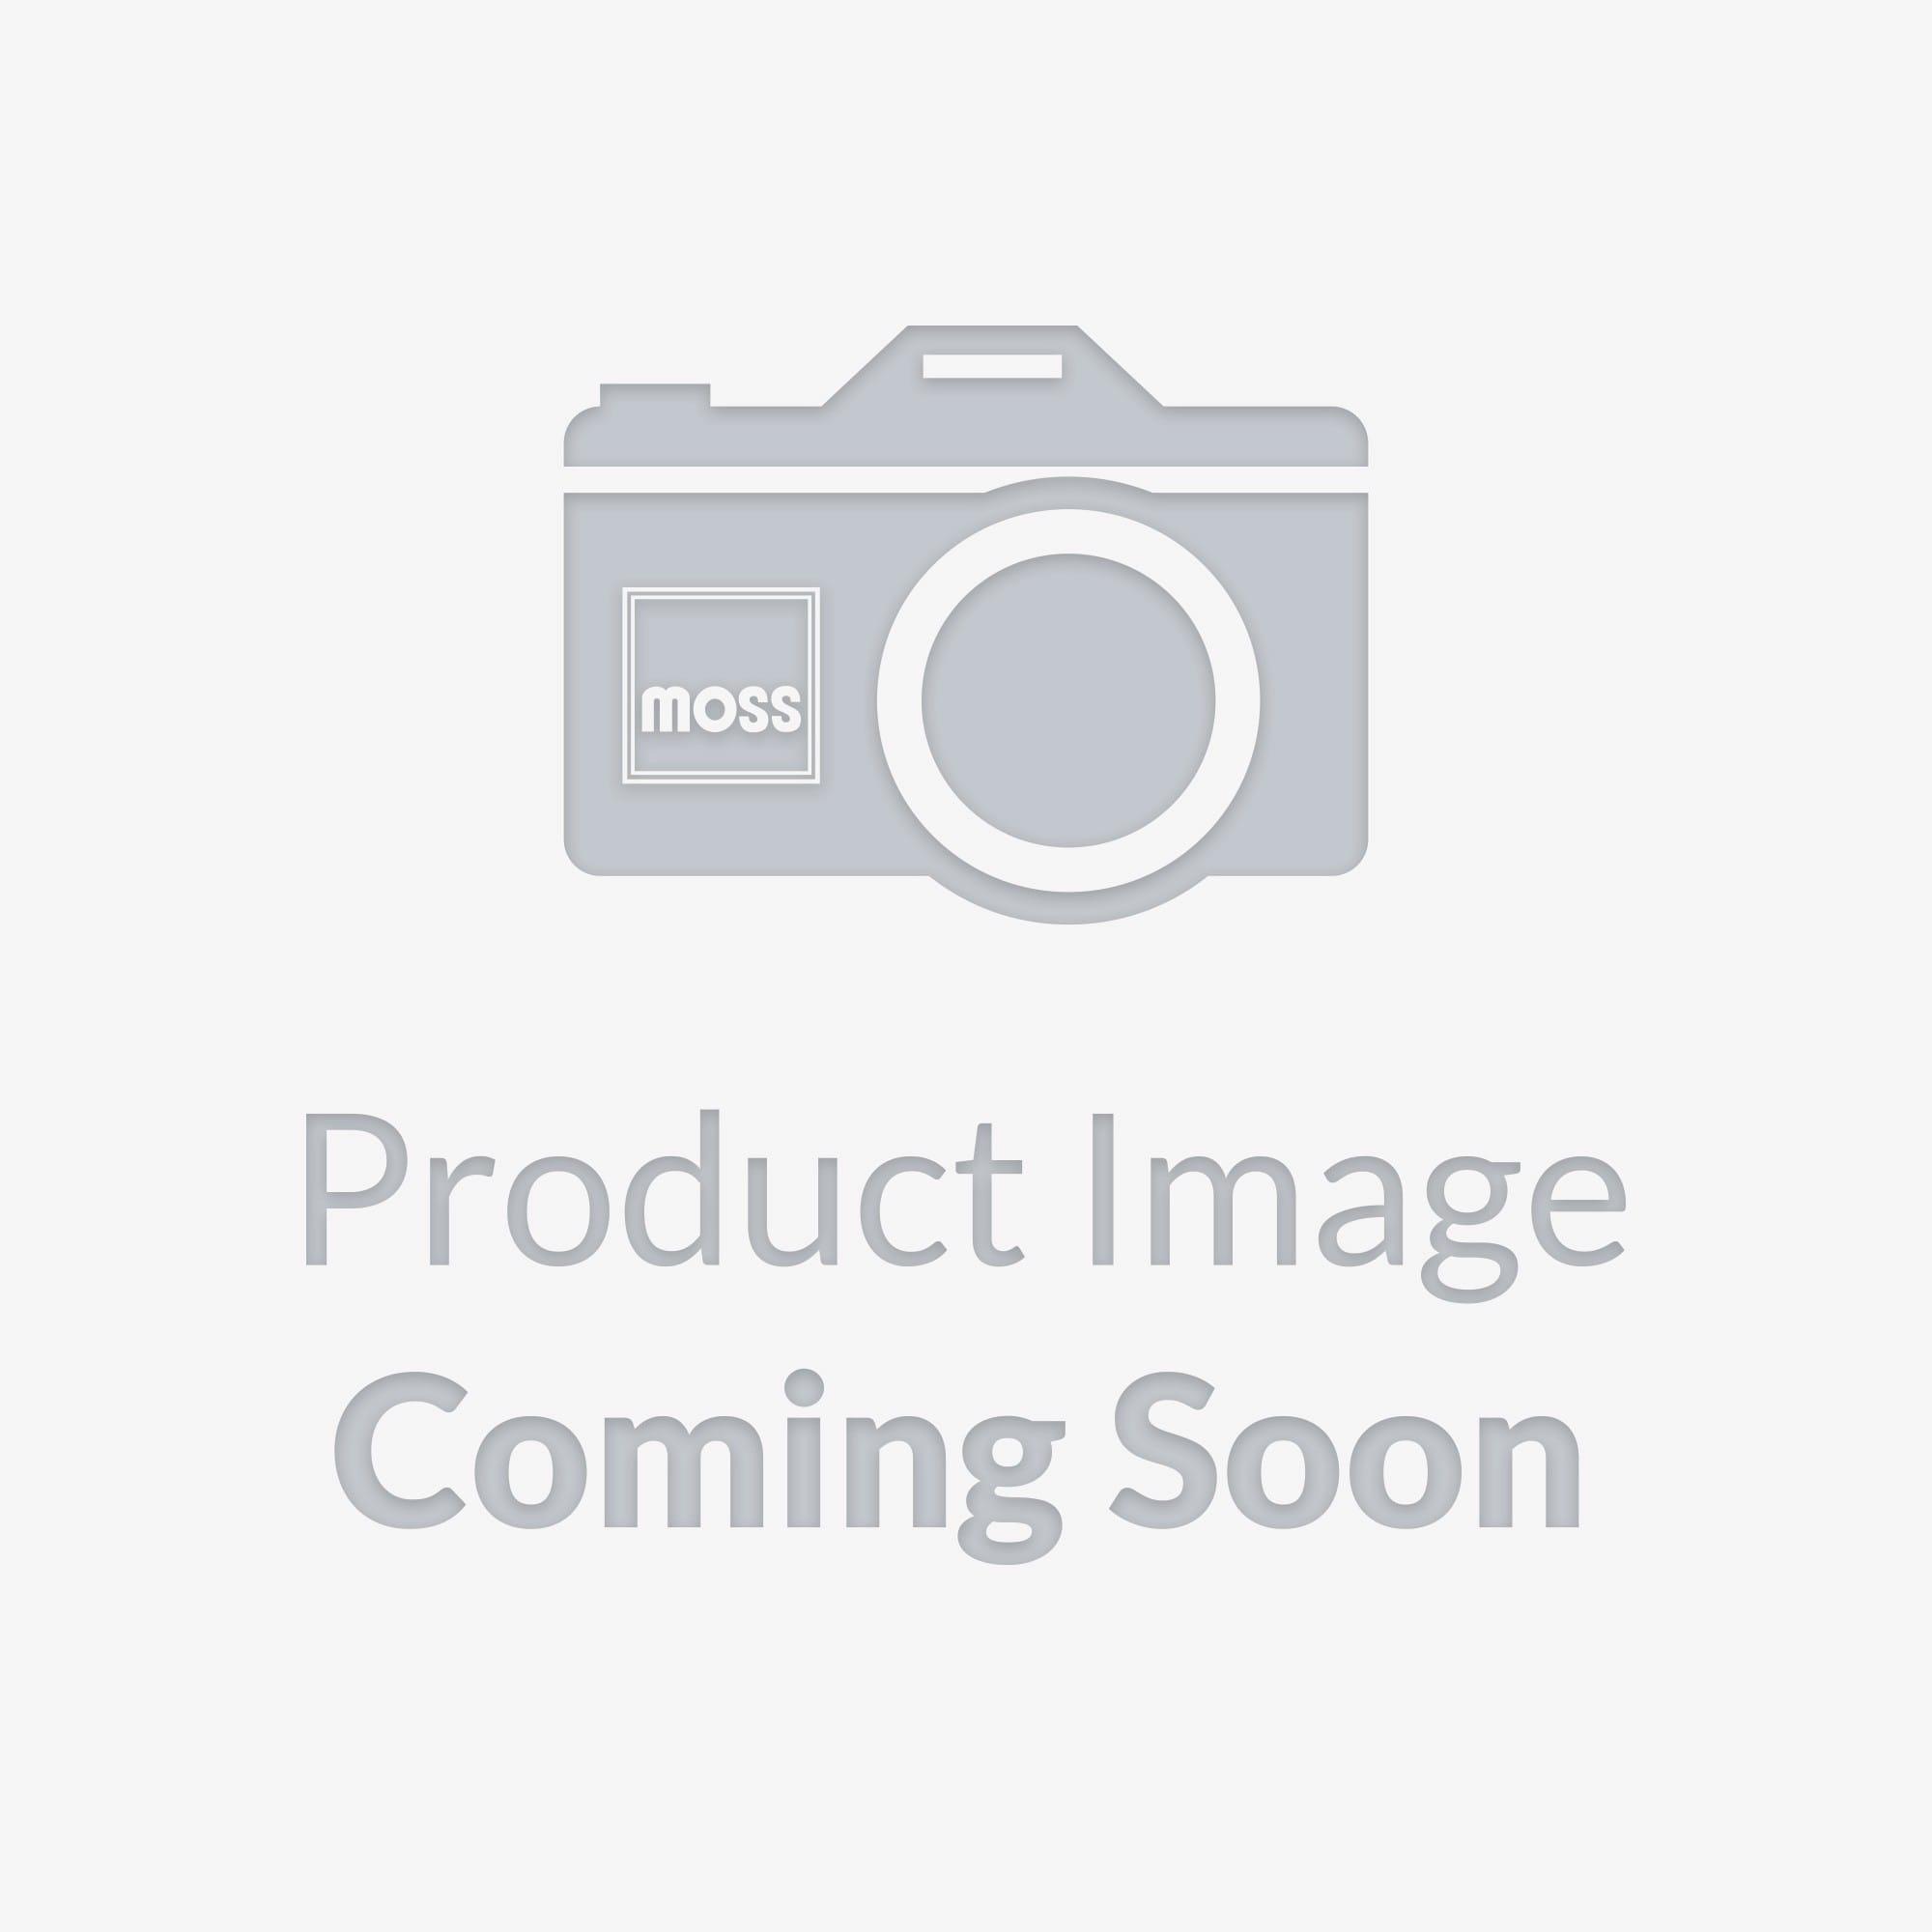 835 515 Tap Water Drain Moss Motors